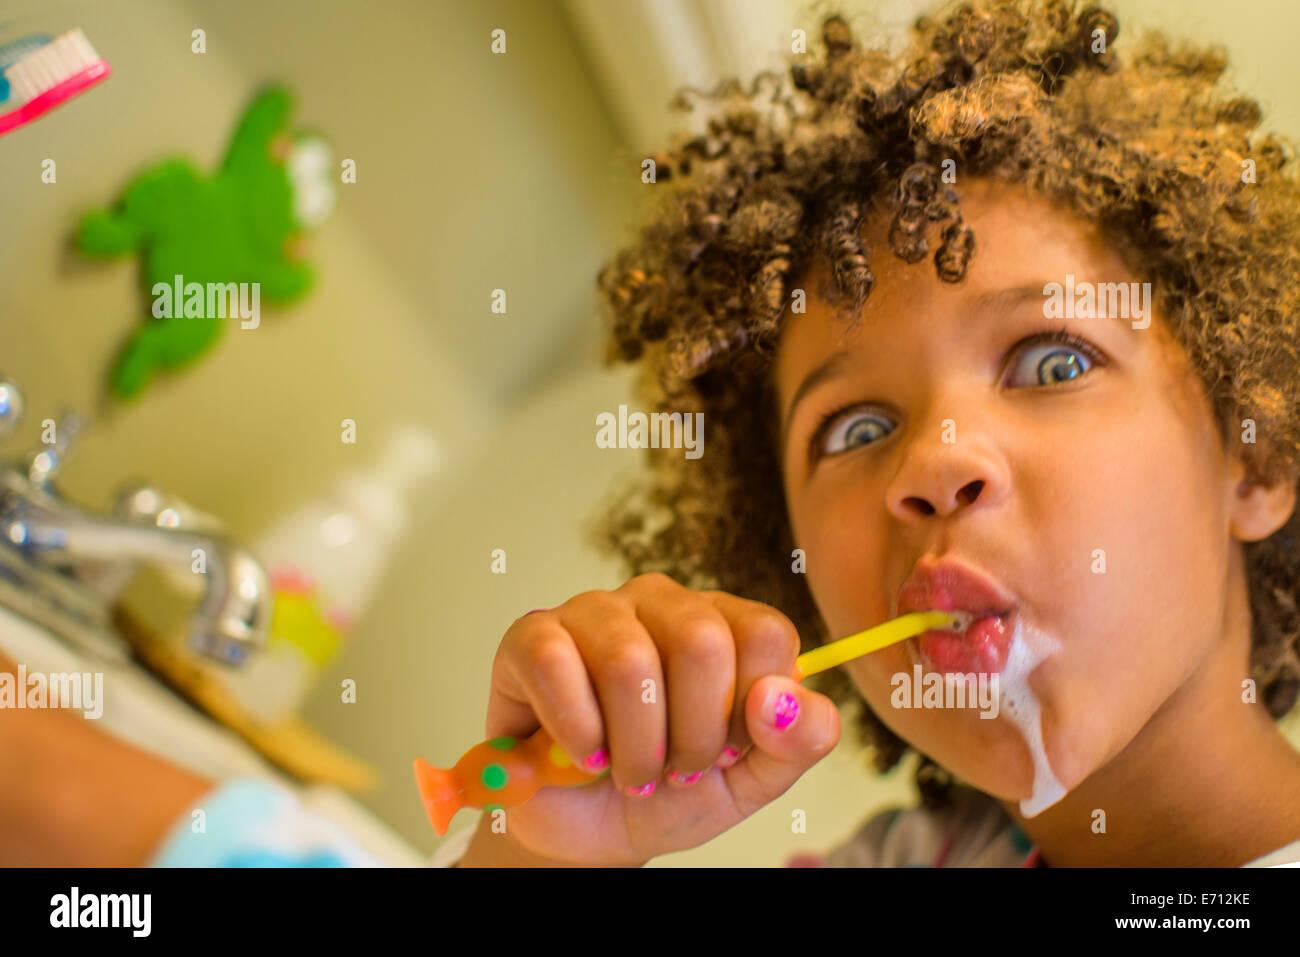 Ritratto di ragazza faccia di trazione durante la spazzolatura di denti Immagini Stock